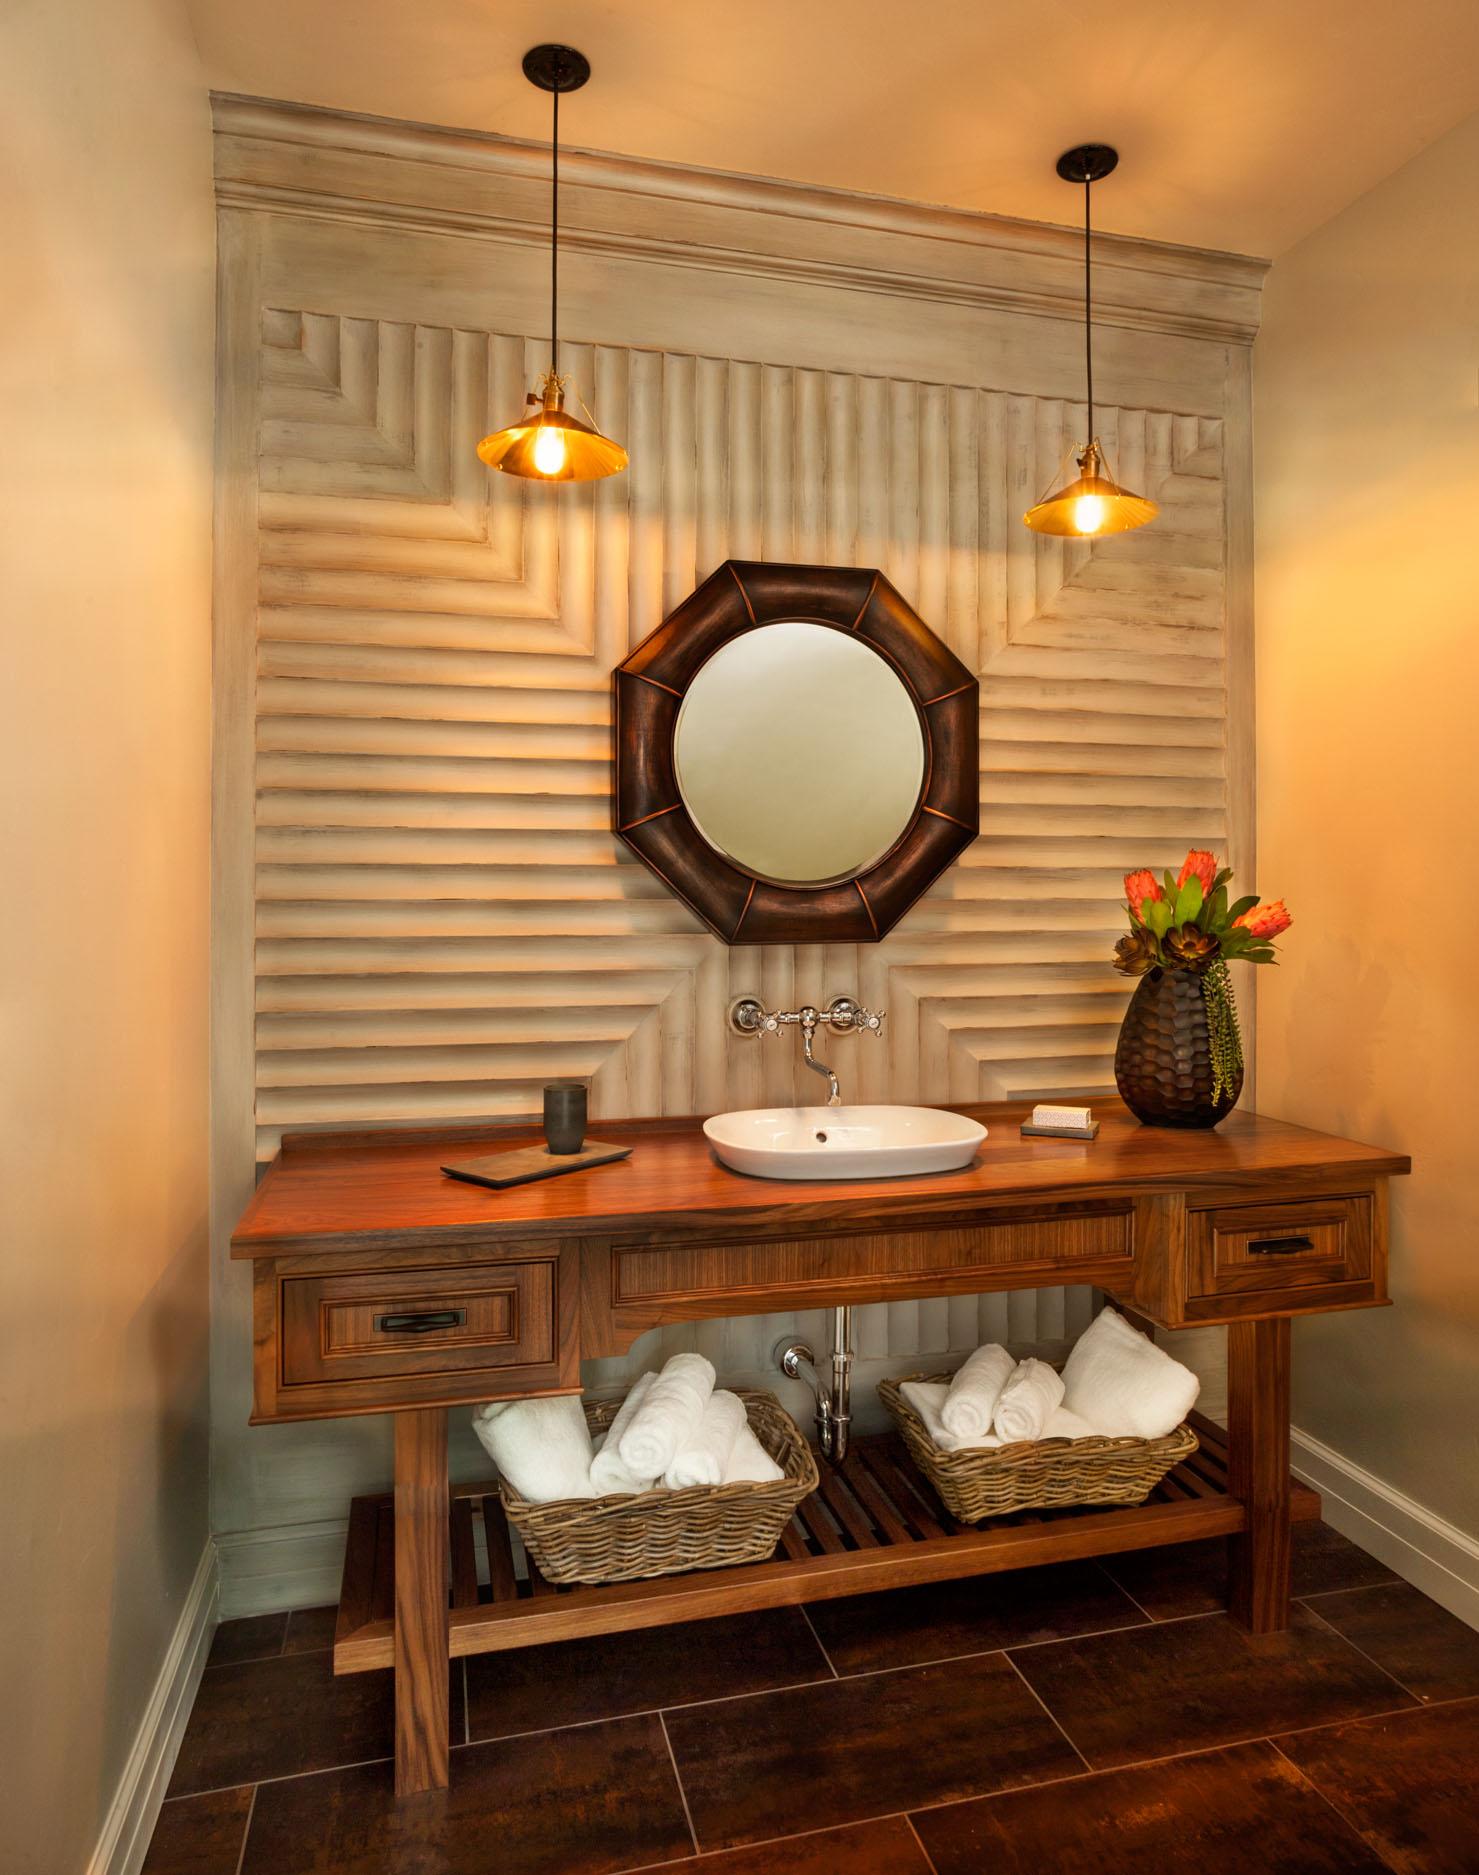 feng shui home design principles home design and style. Black Bedroom Furniture Sets. Home Design Ideas